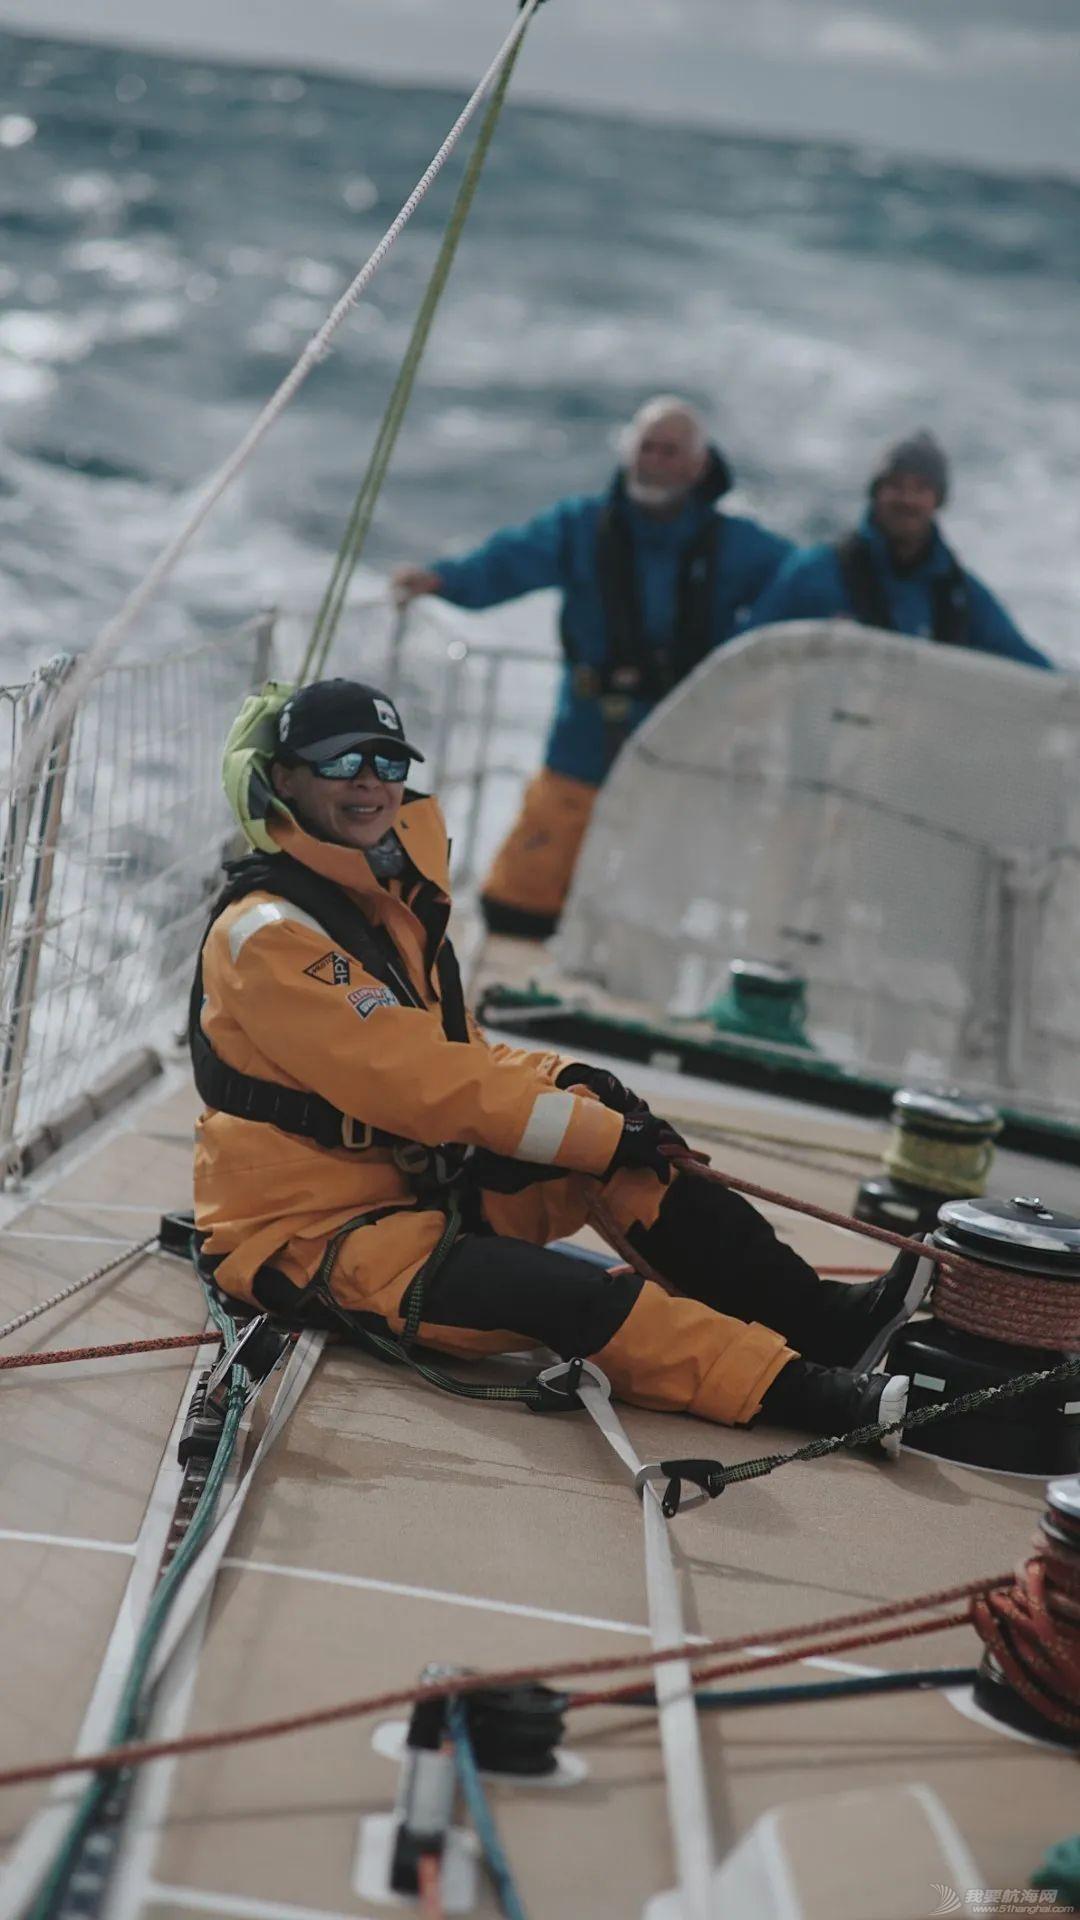 做客直播间 | 聊聊三亚大使船员的环球航海故事w11.jpg